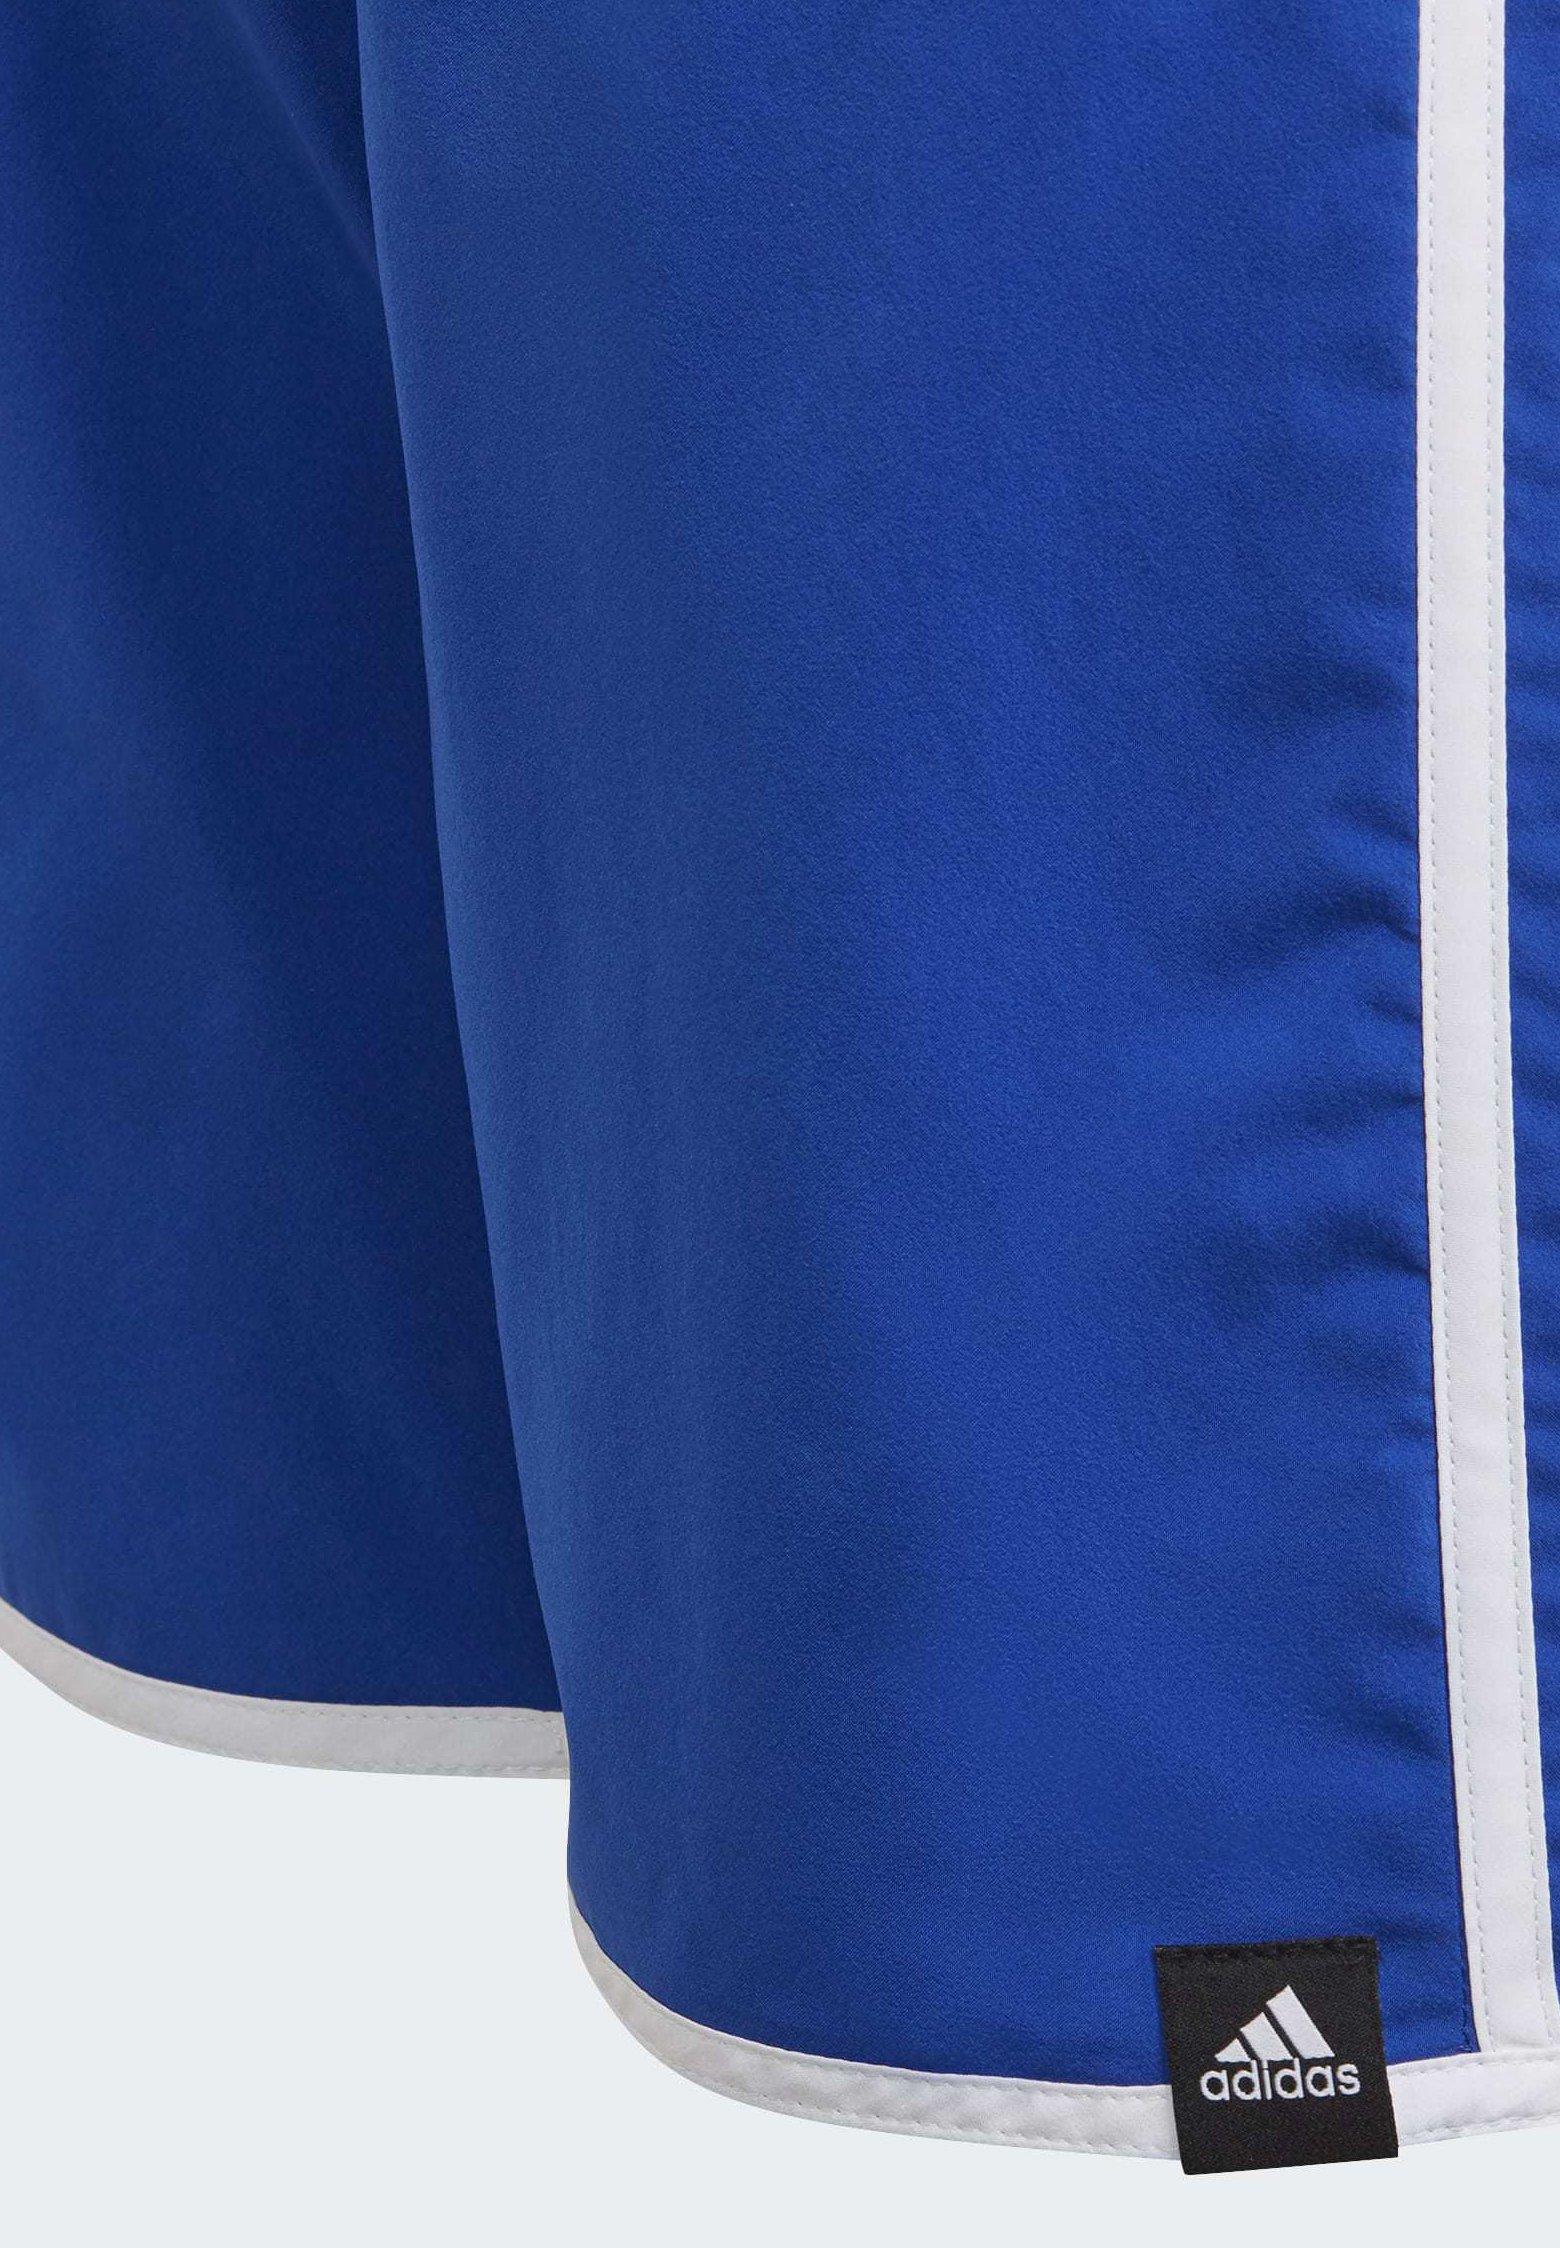 adidas Performance 3-STRIPES SWIM SHORTS - Szorty kąpielowe - blue - Ubranka dla dzieci